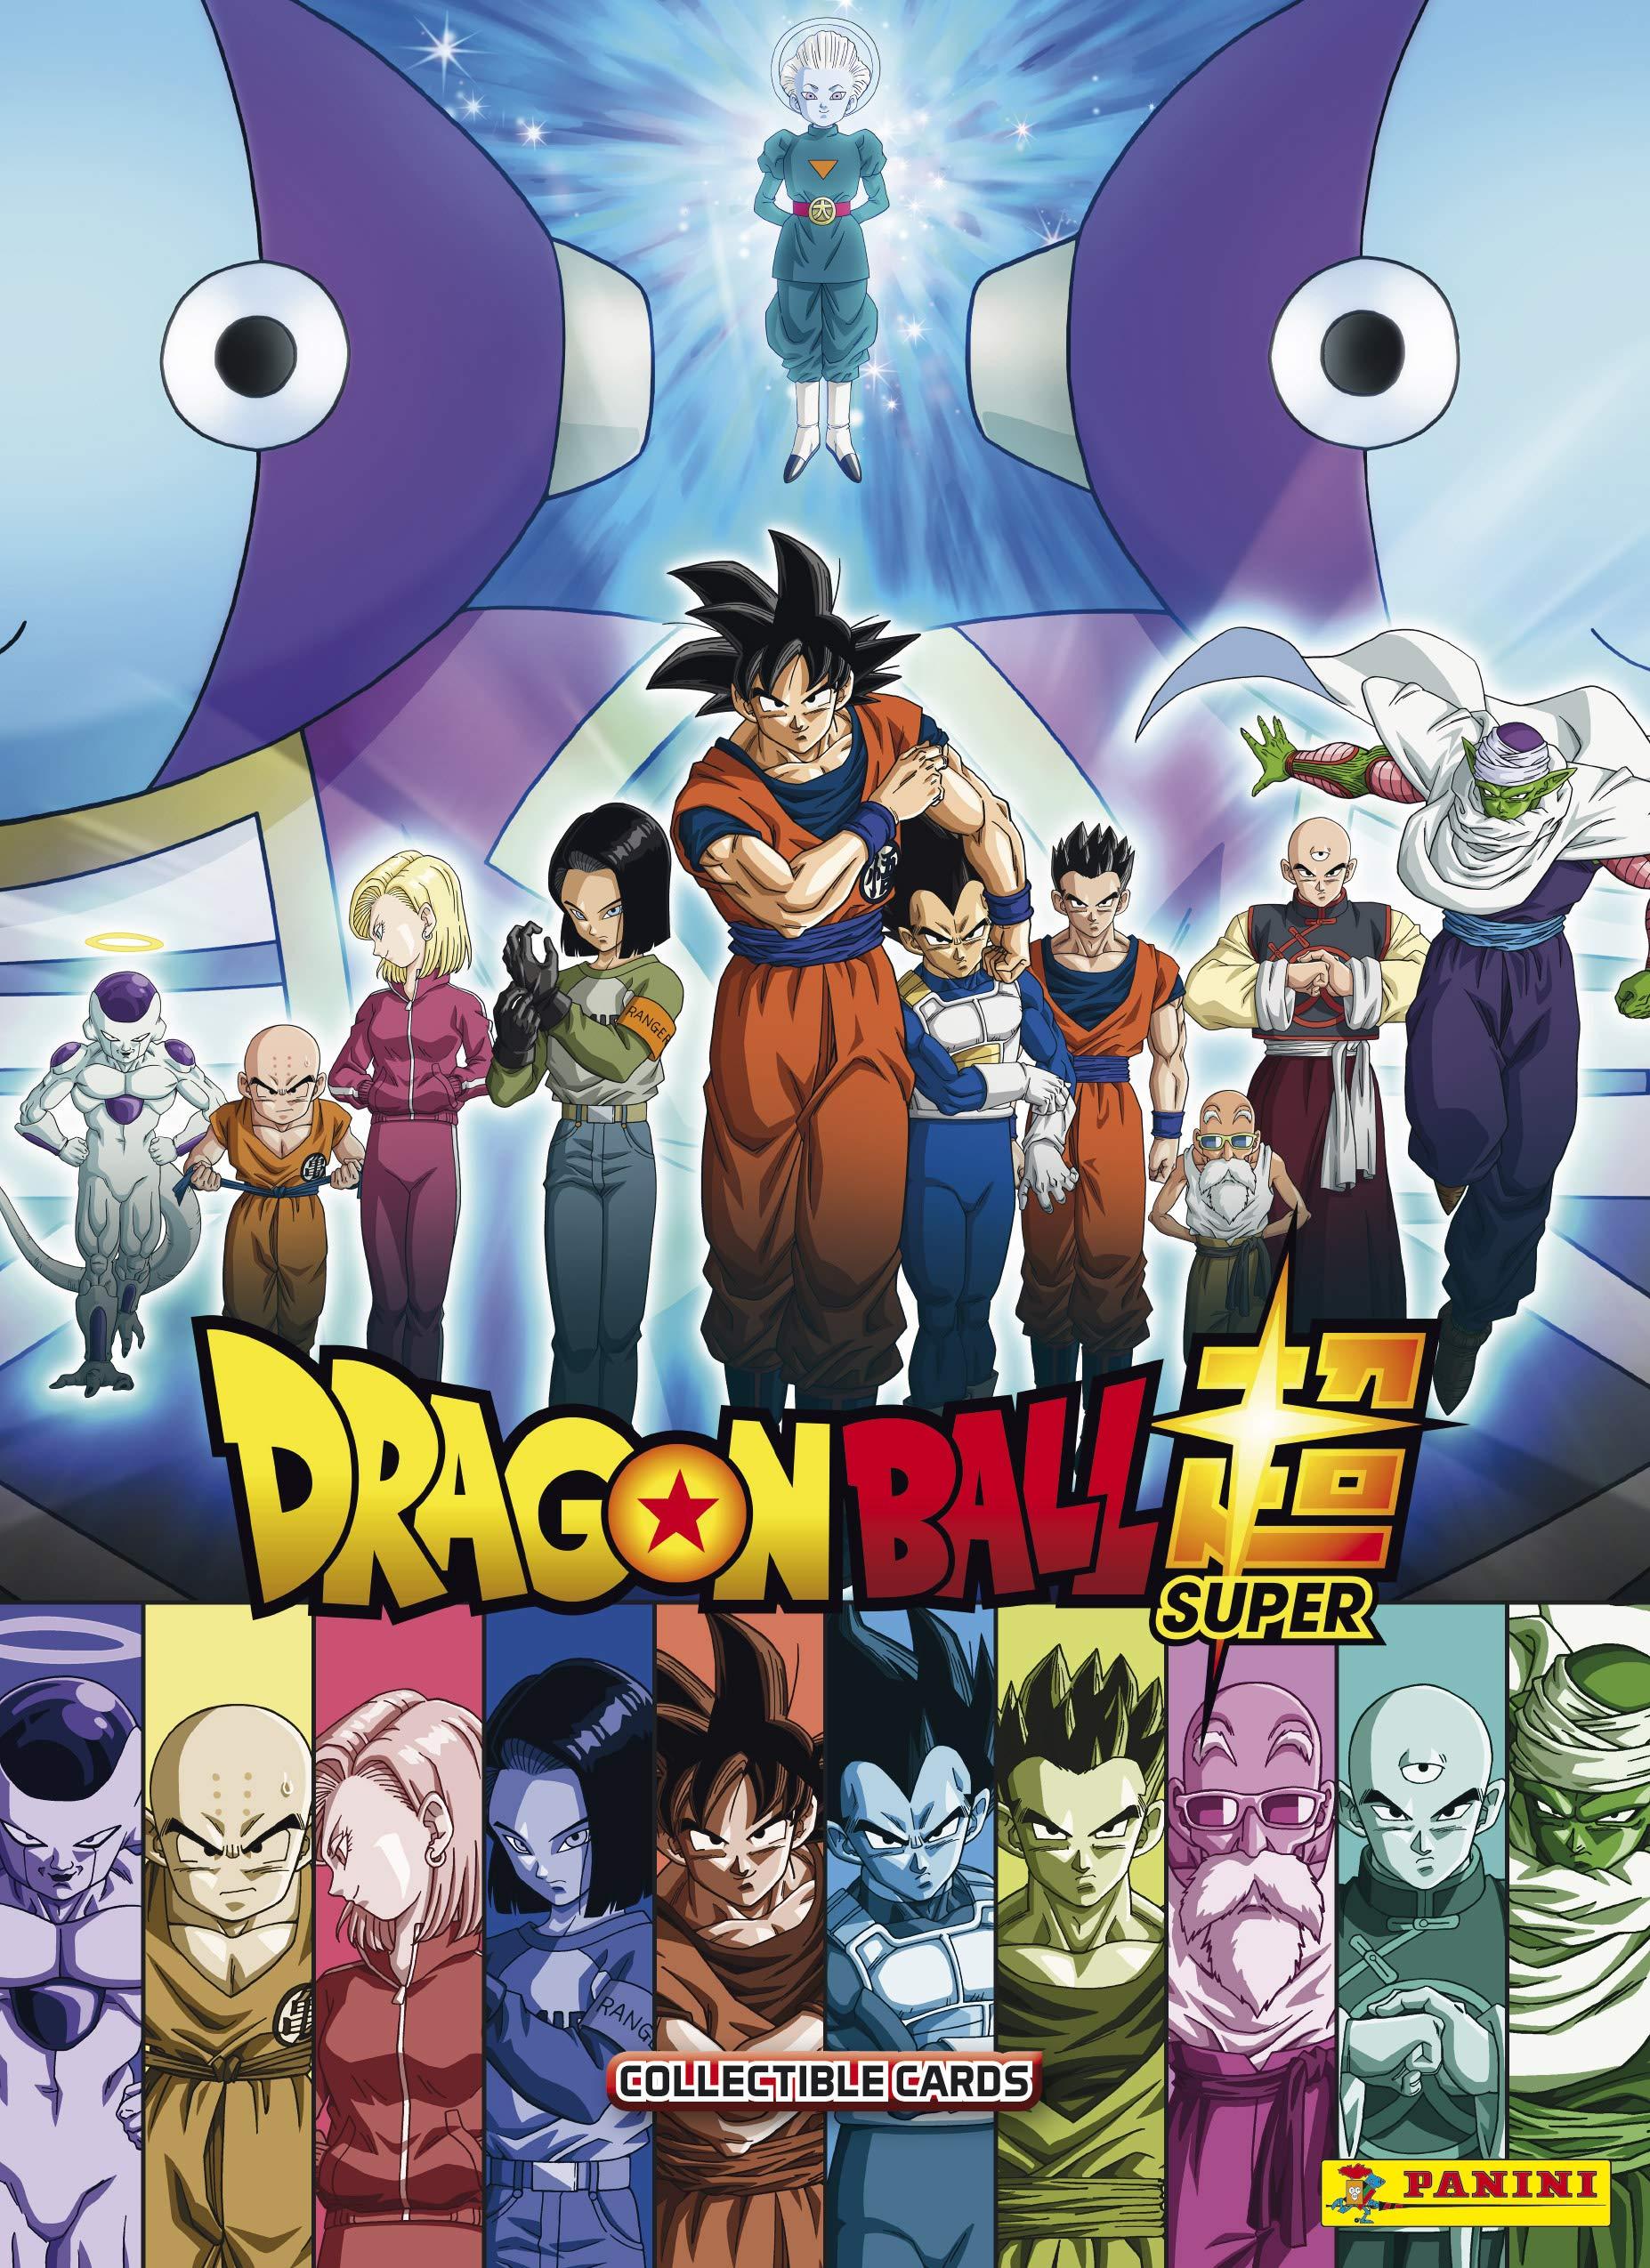 Panini carpeta + 2 fundas TC Dragon Ball Super, 2501 – 014 , color/modelo surtido: Amazon.es: Juguetes y juegos